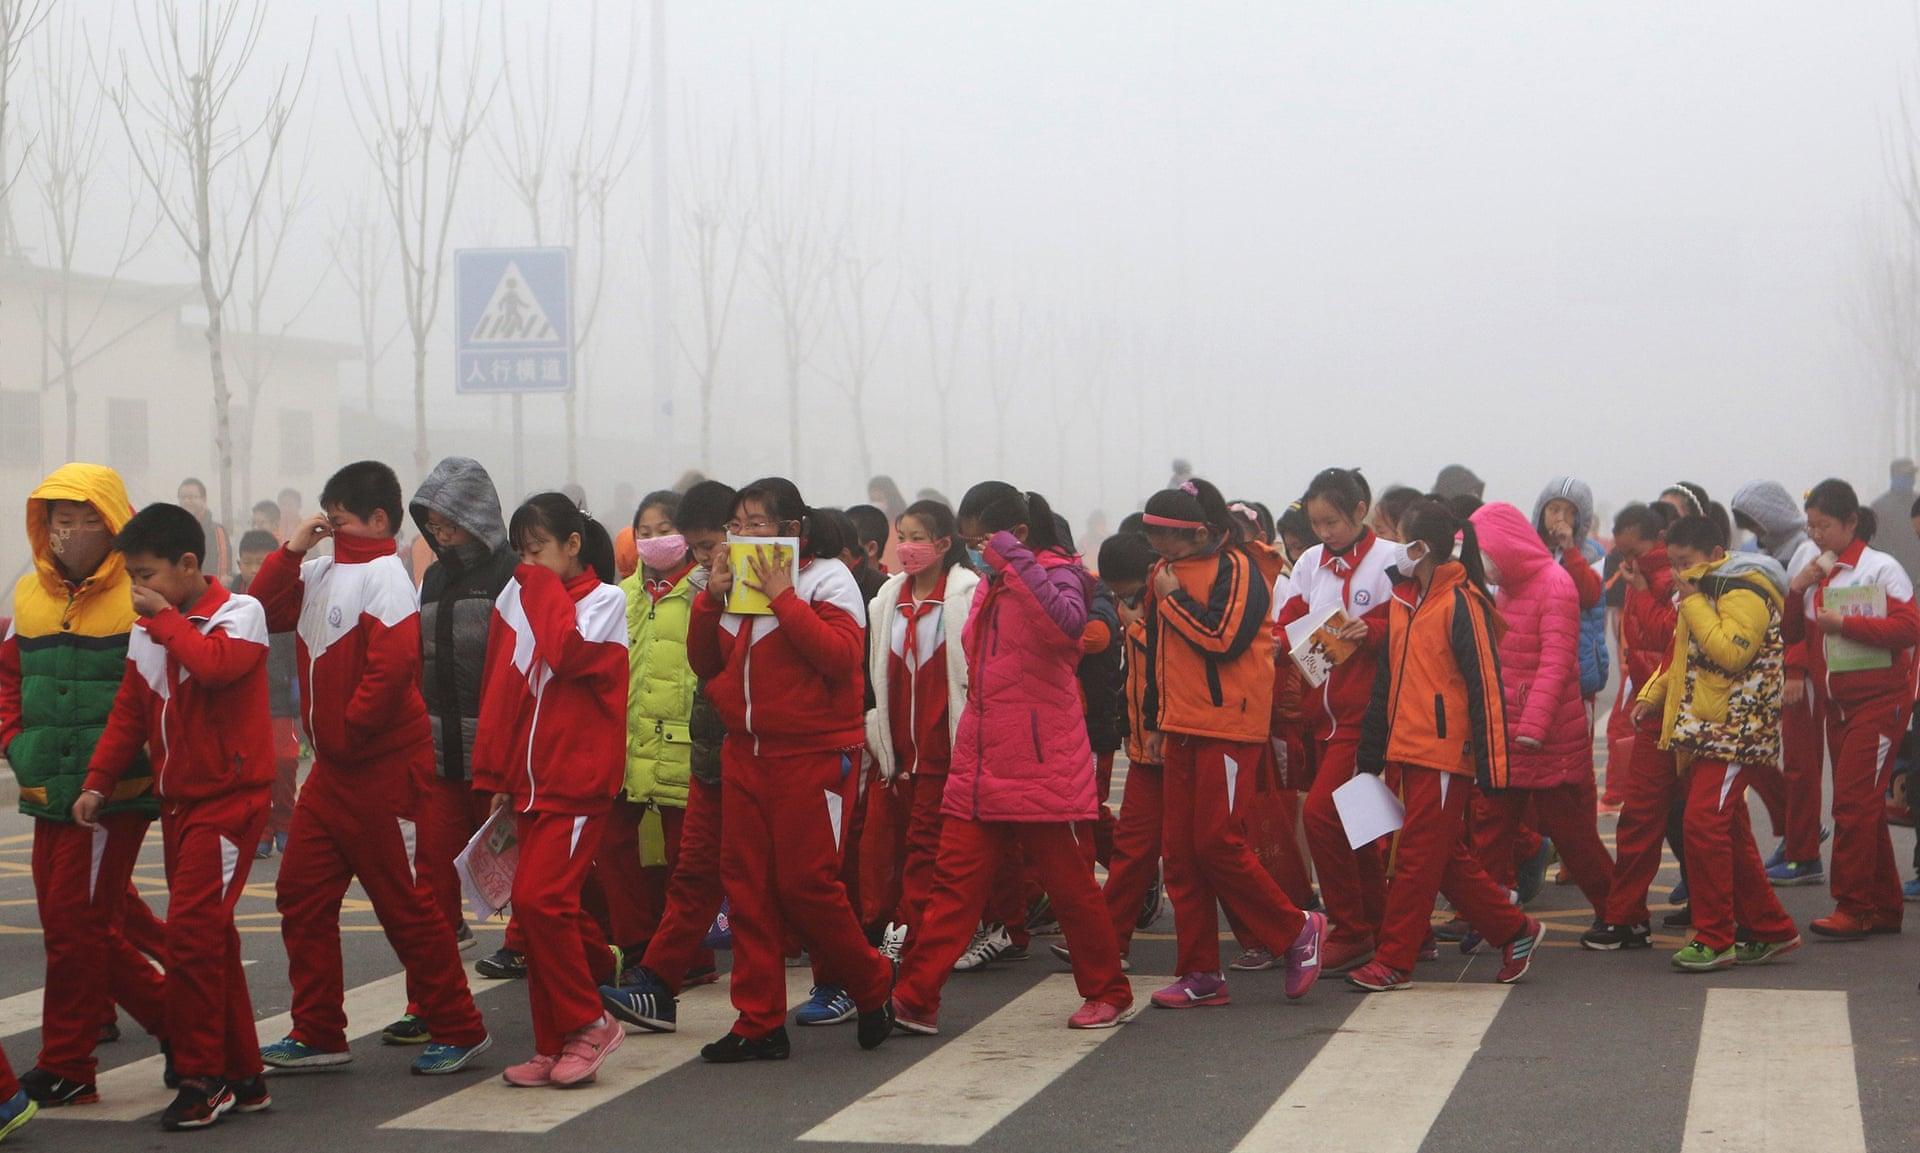 Alumnos de escuelas pupilas de China se tapan el rostro para no respirar el aire contaminado